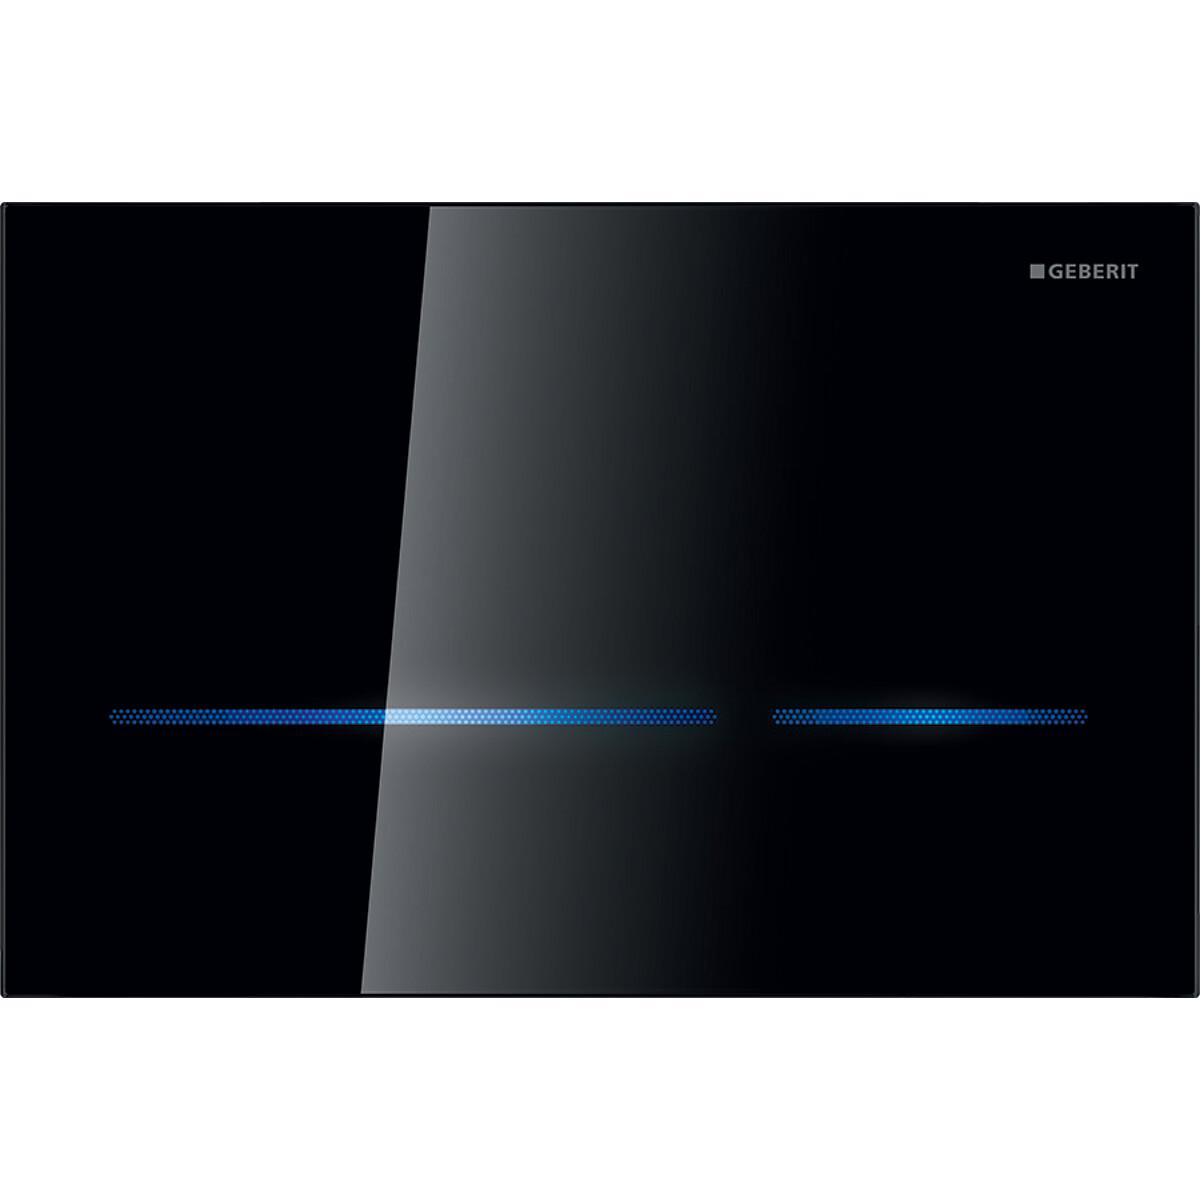 Plaque de déclenchement infrarouge Geberit Sigma80 pour réservoir à encastrer Sigma 12 cm / Verre noir